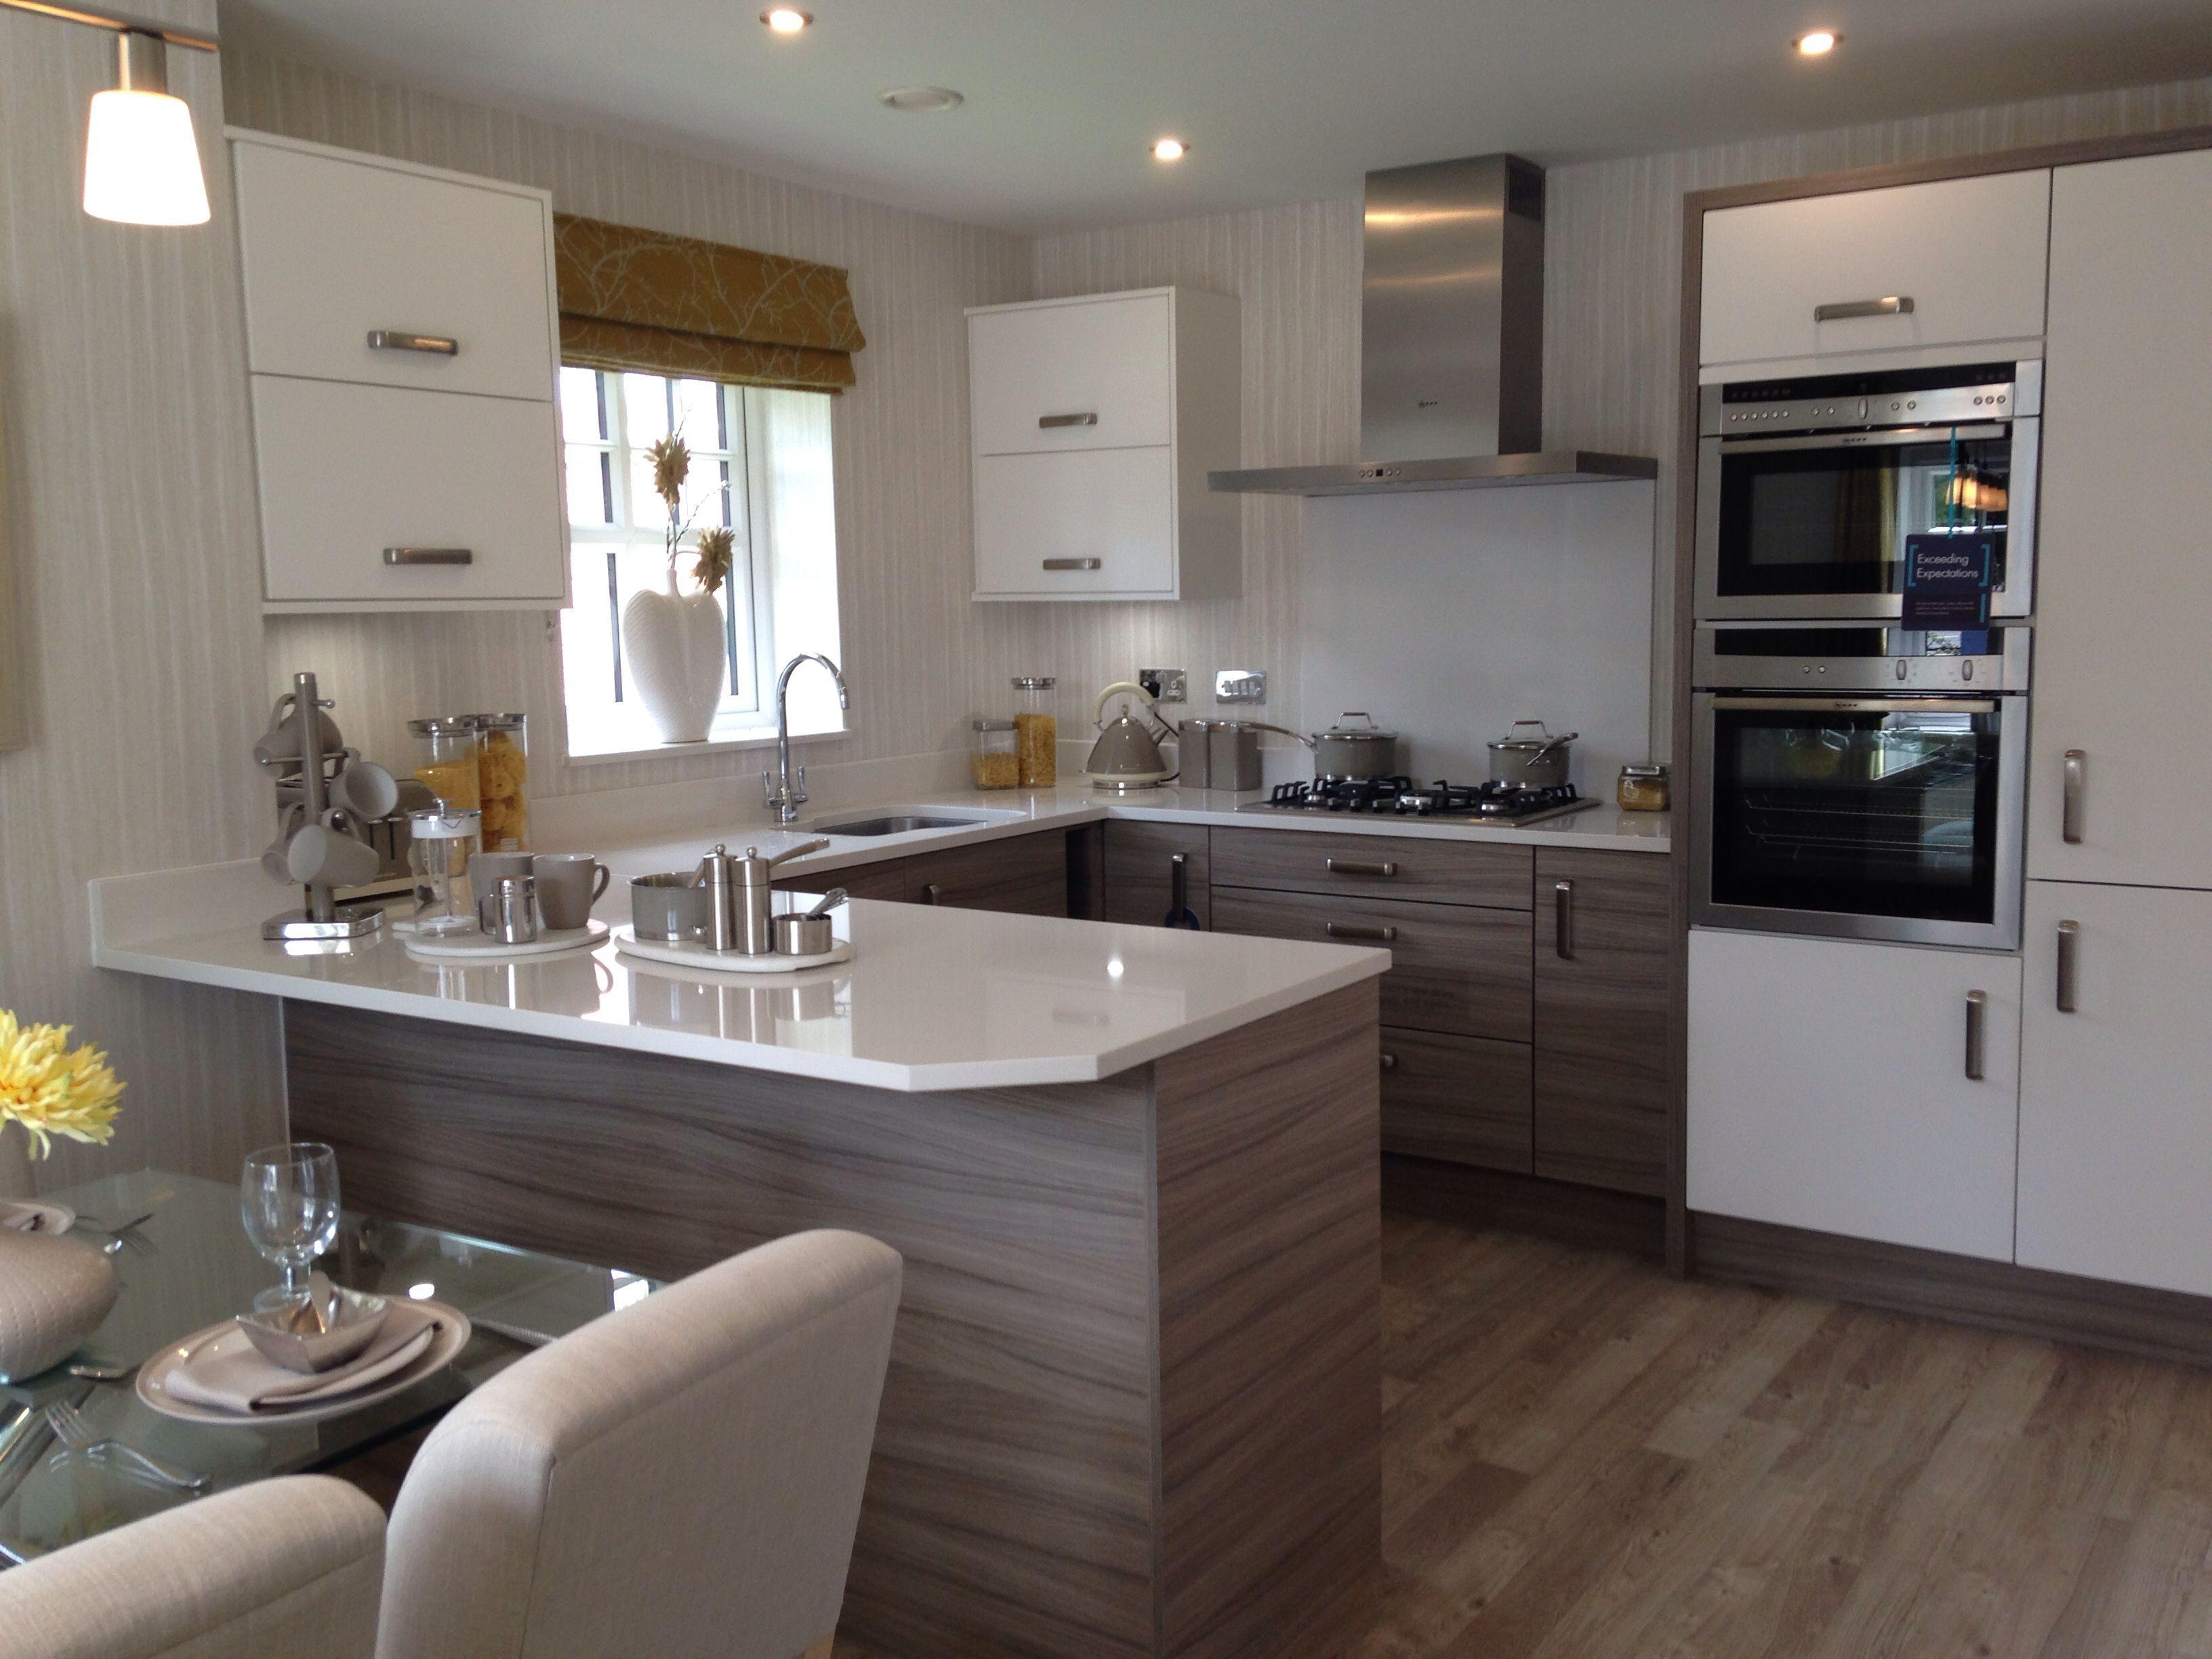 Morris Show Home Kitchen Showkitchendesign Kitchen Design Small Kitchen Design Kitchen Room Design